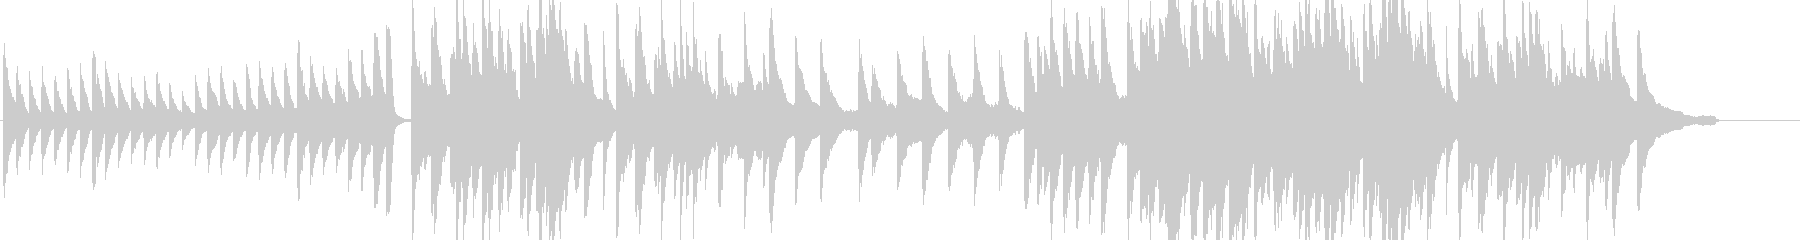 エンディング、最終回などに最適のピアノ曲の未再生の波形